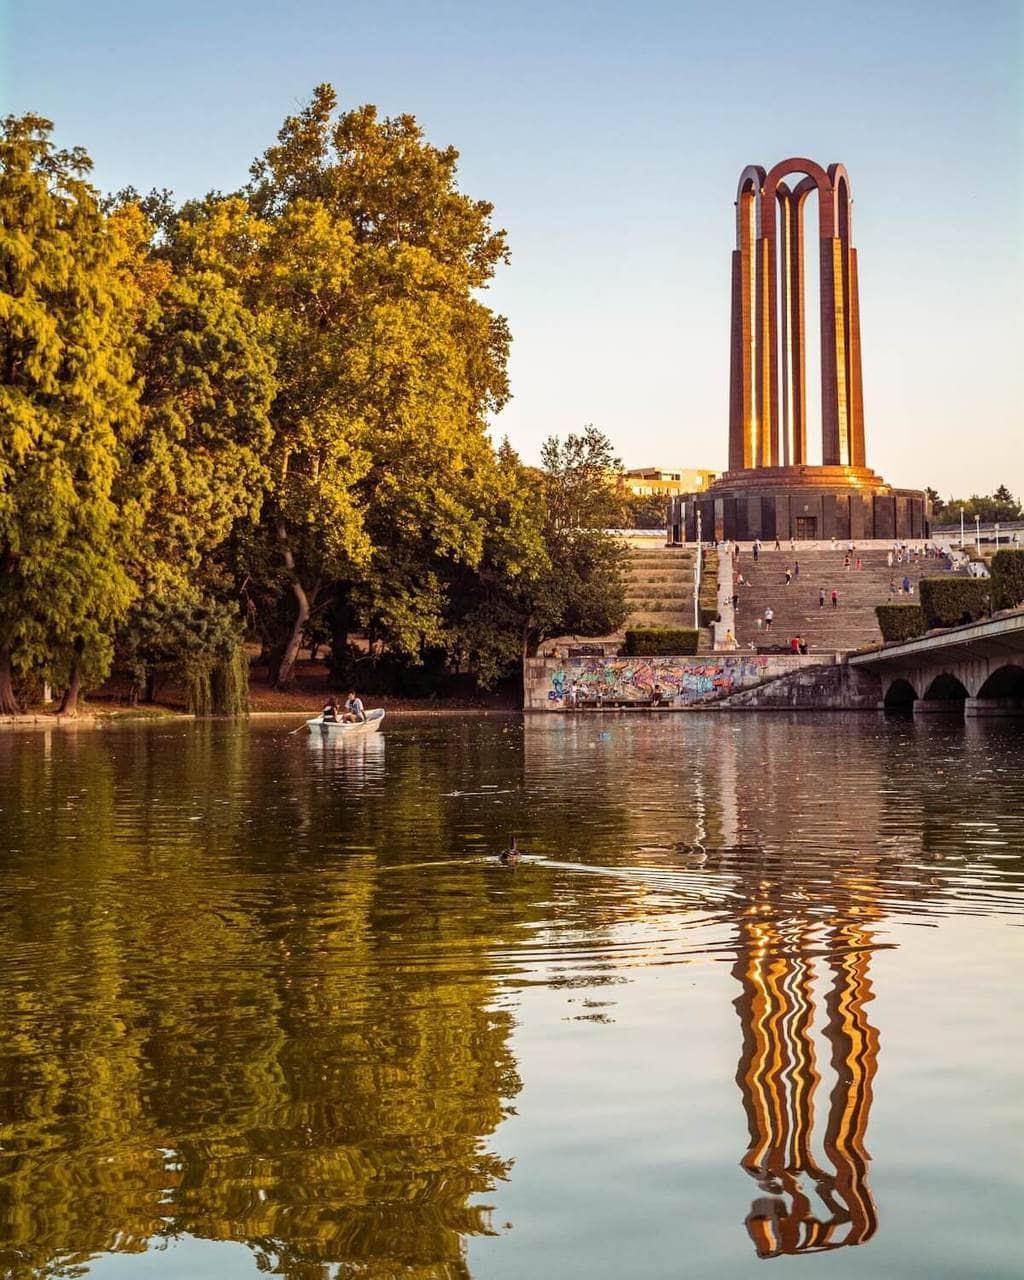 parcul-carol-bucuresti-turist-vizita-locul-de-la-geam